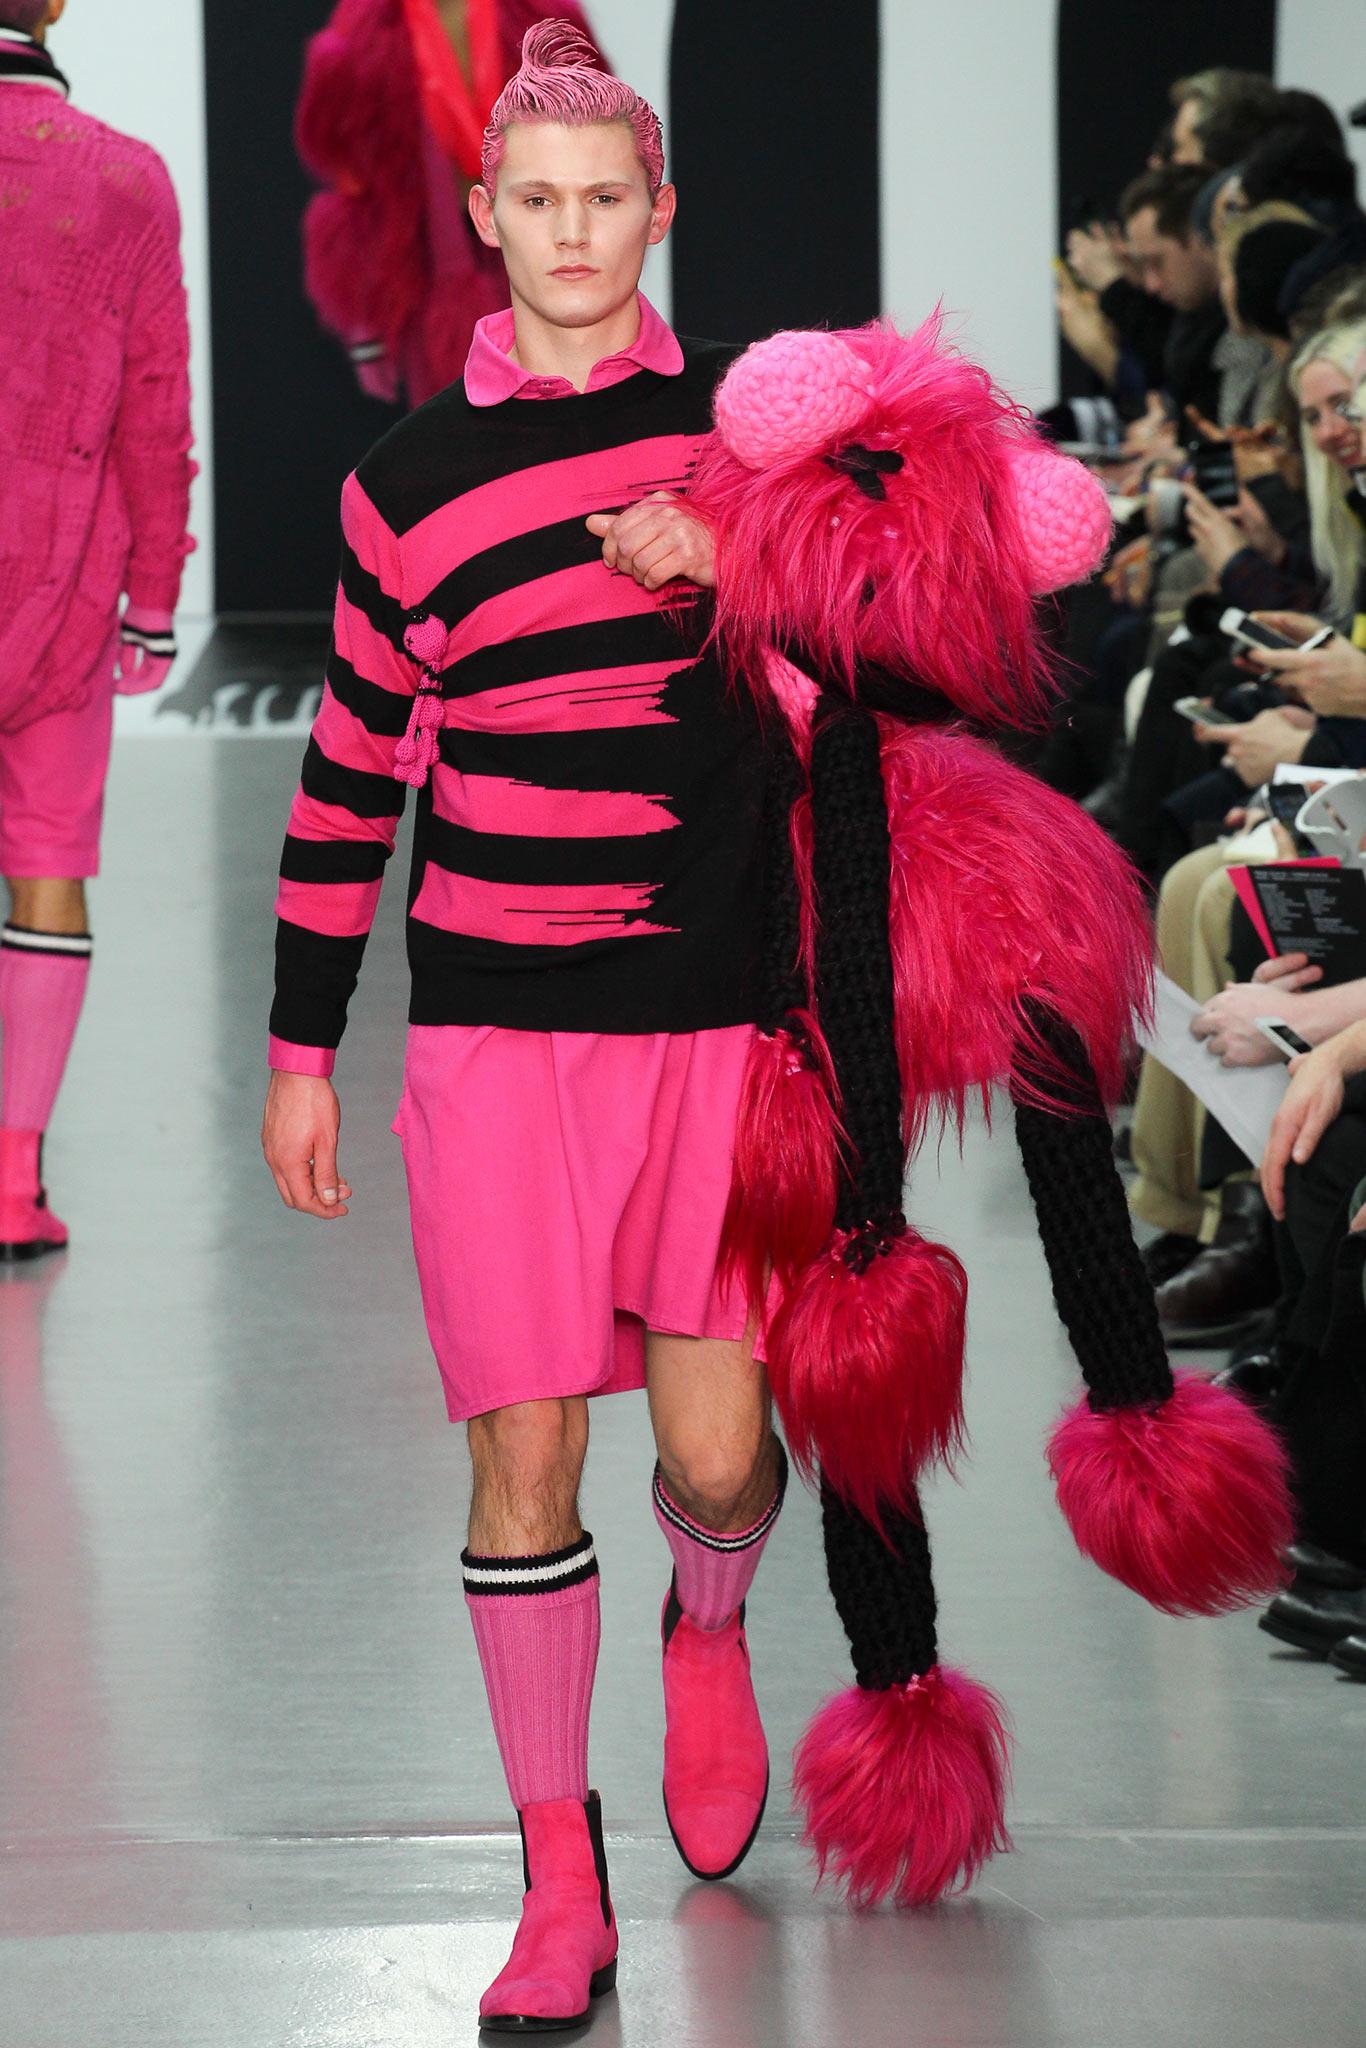 Sibling осень зима 20152016 2 Самые нелепые мужские образы с Недели моды в Лондоне